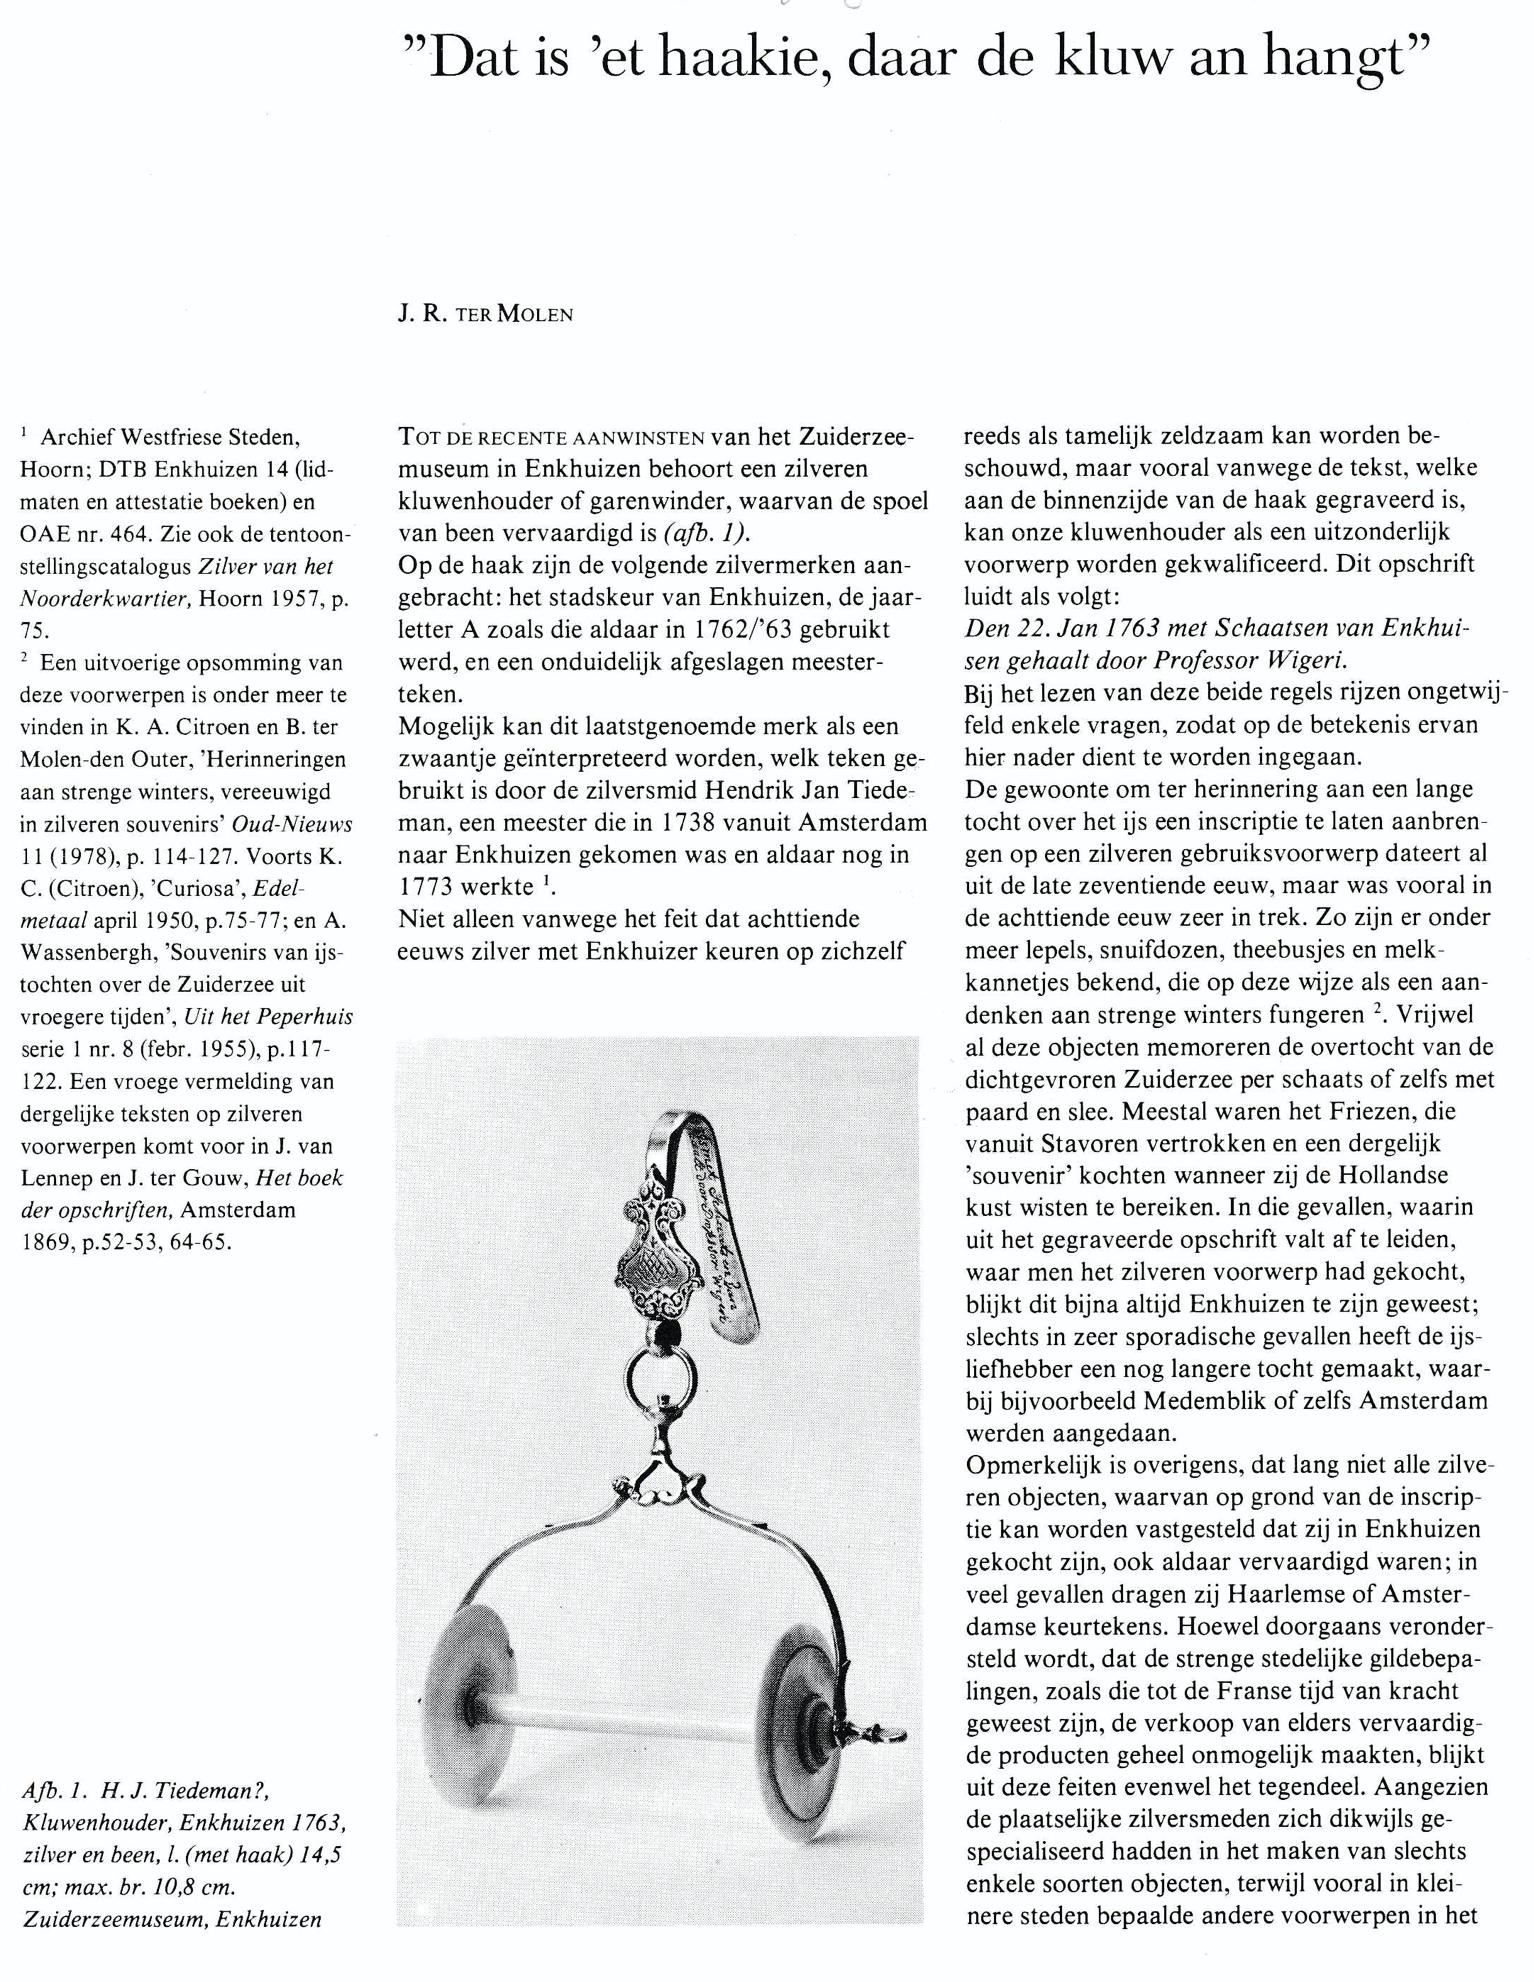 Publicatie in de Antiek over de aankoop van een zilveren kluwenhouder